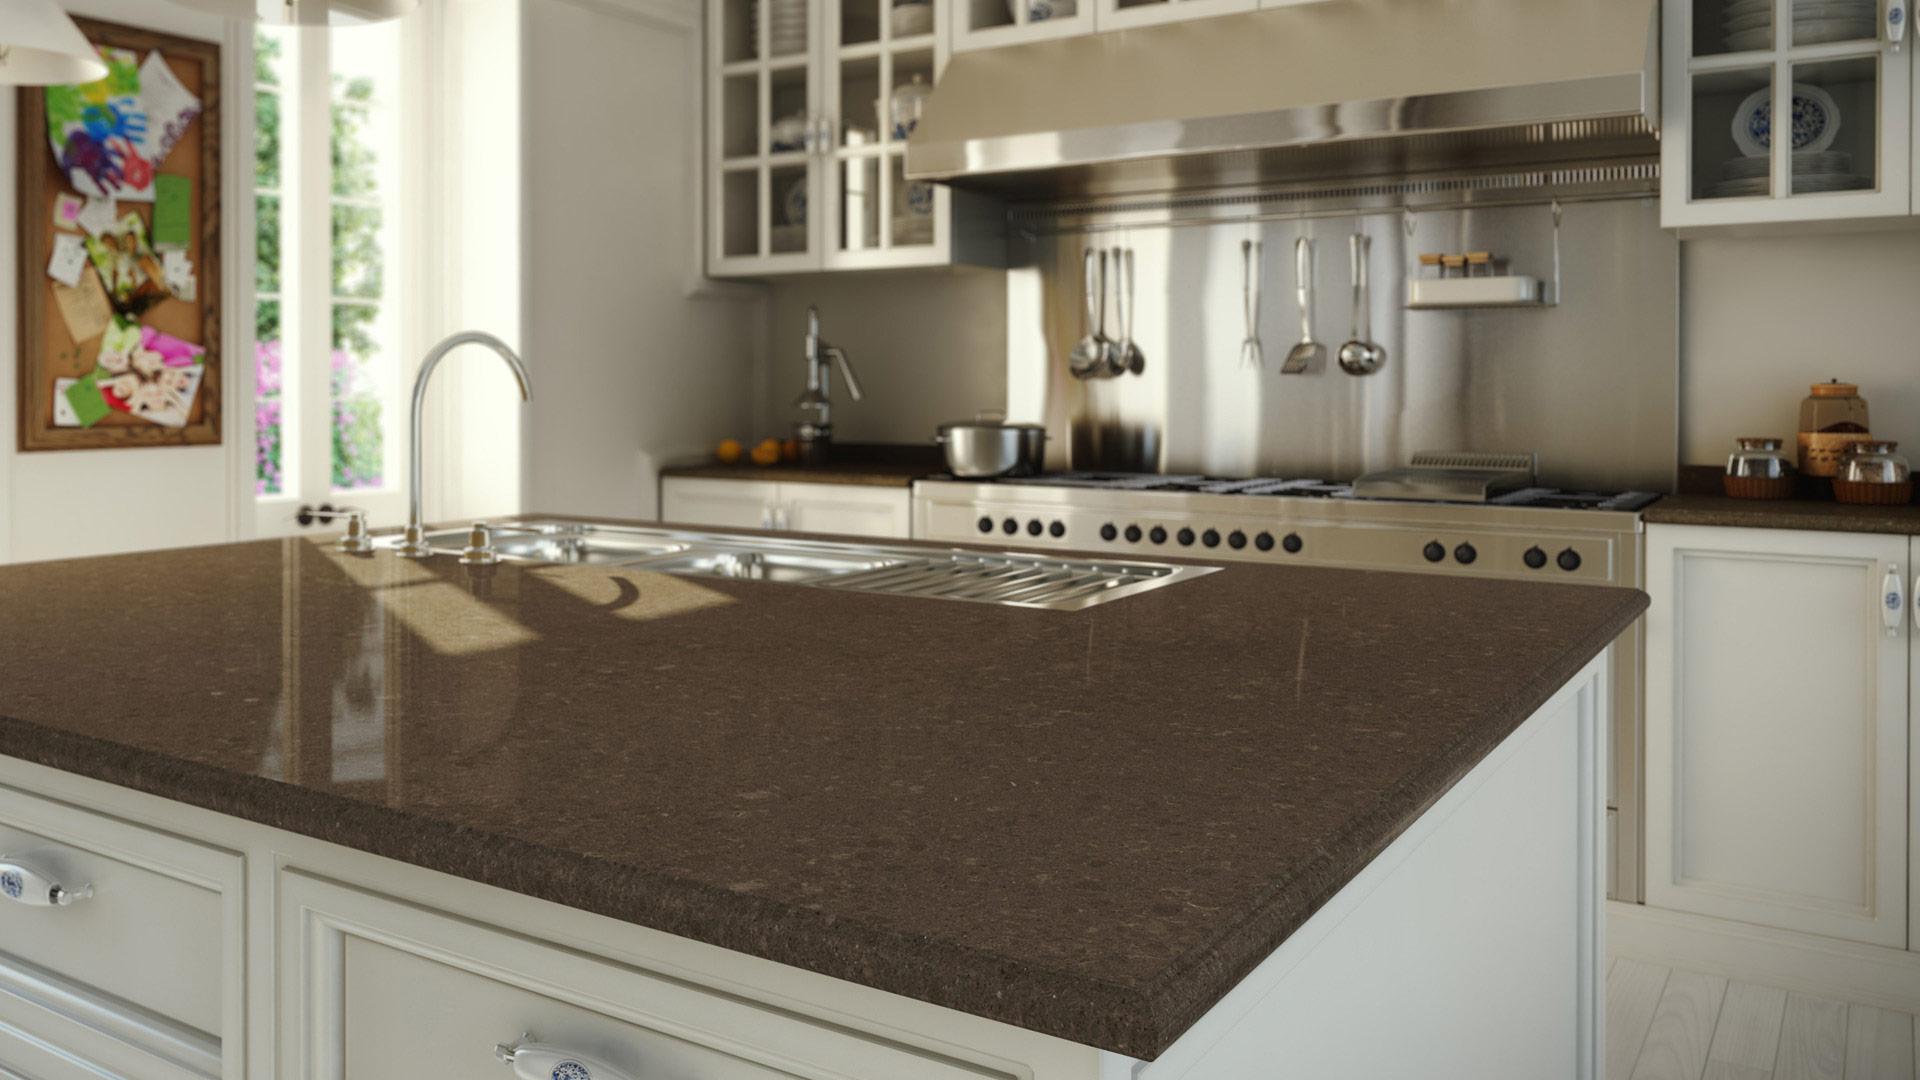 4360_kitchen_1920_1080_opt